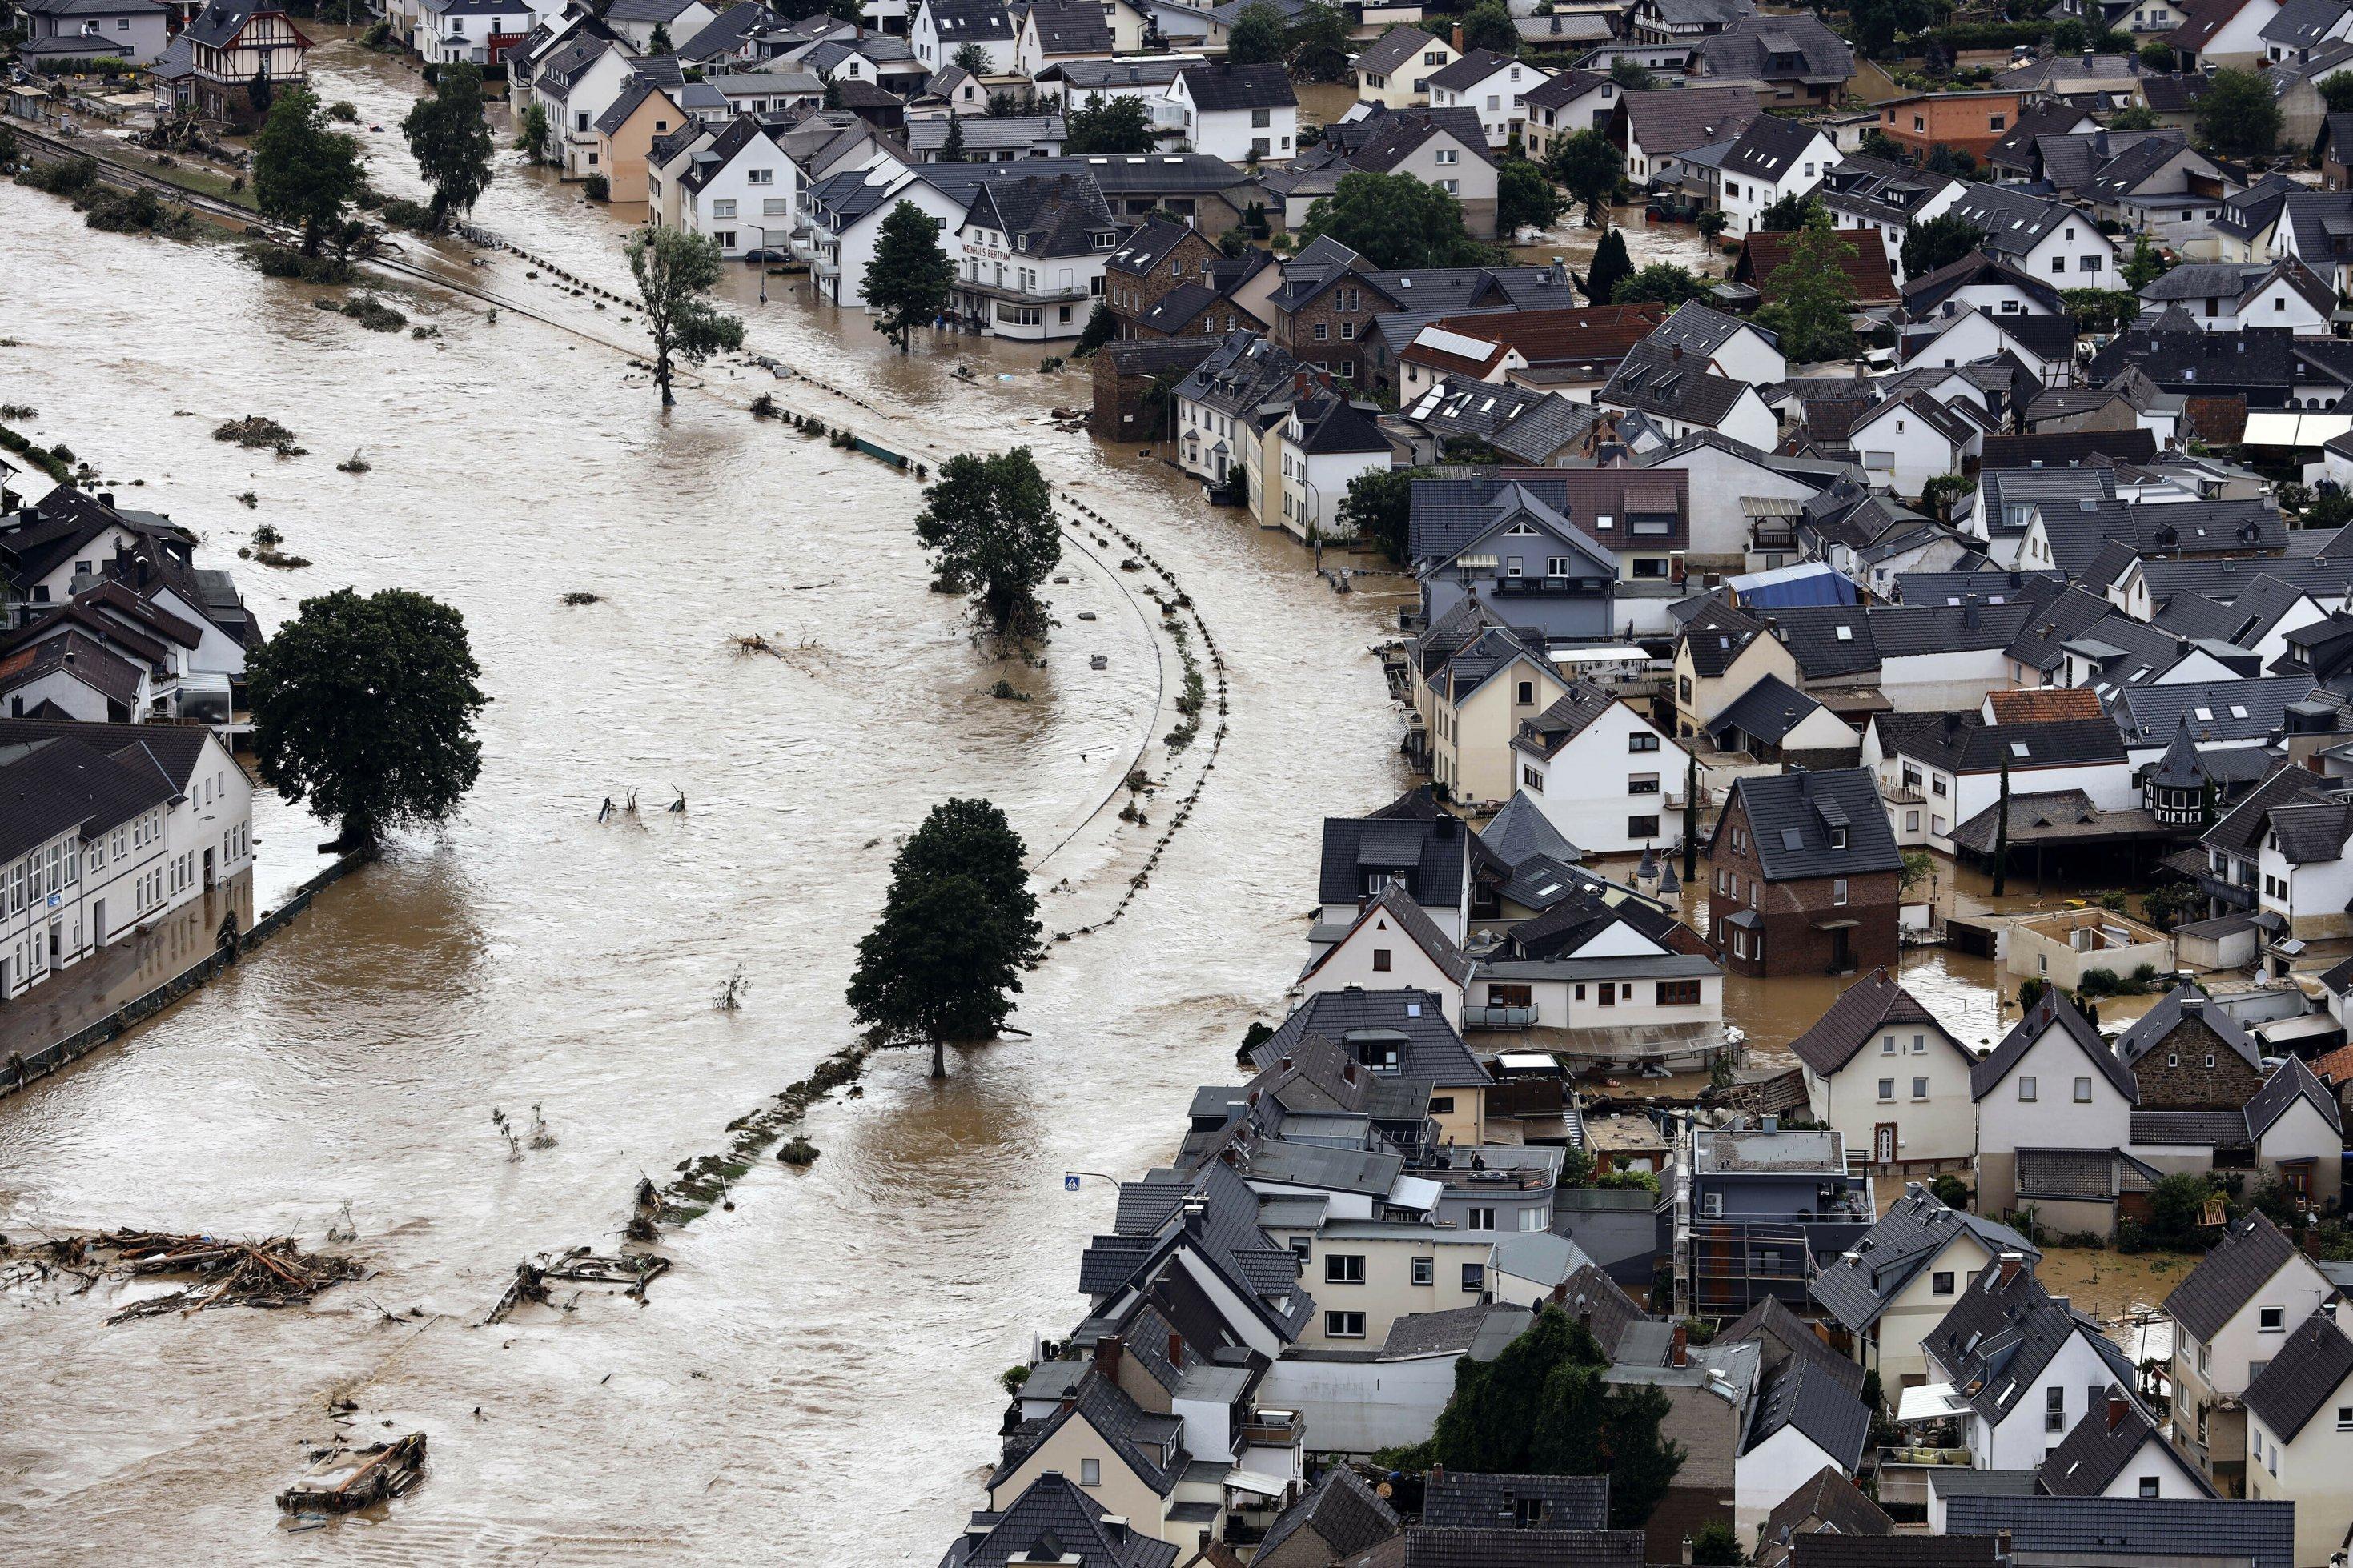 Viele Häuser des Ortes Dernau stehen nach Überflutungen an der Ahr  im Wasser.